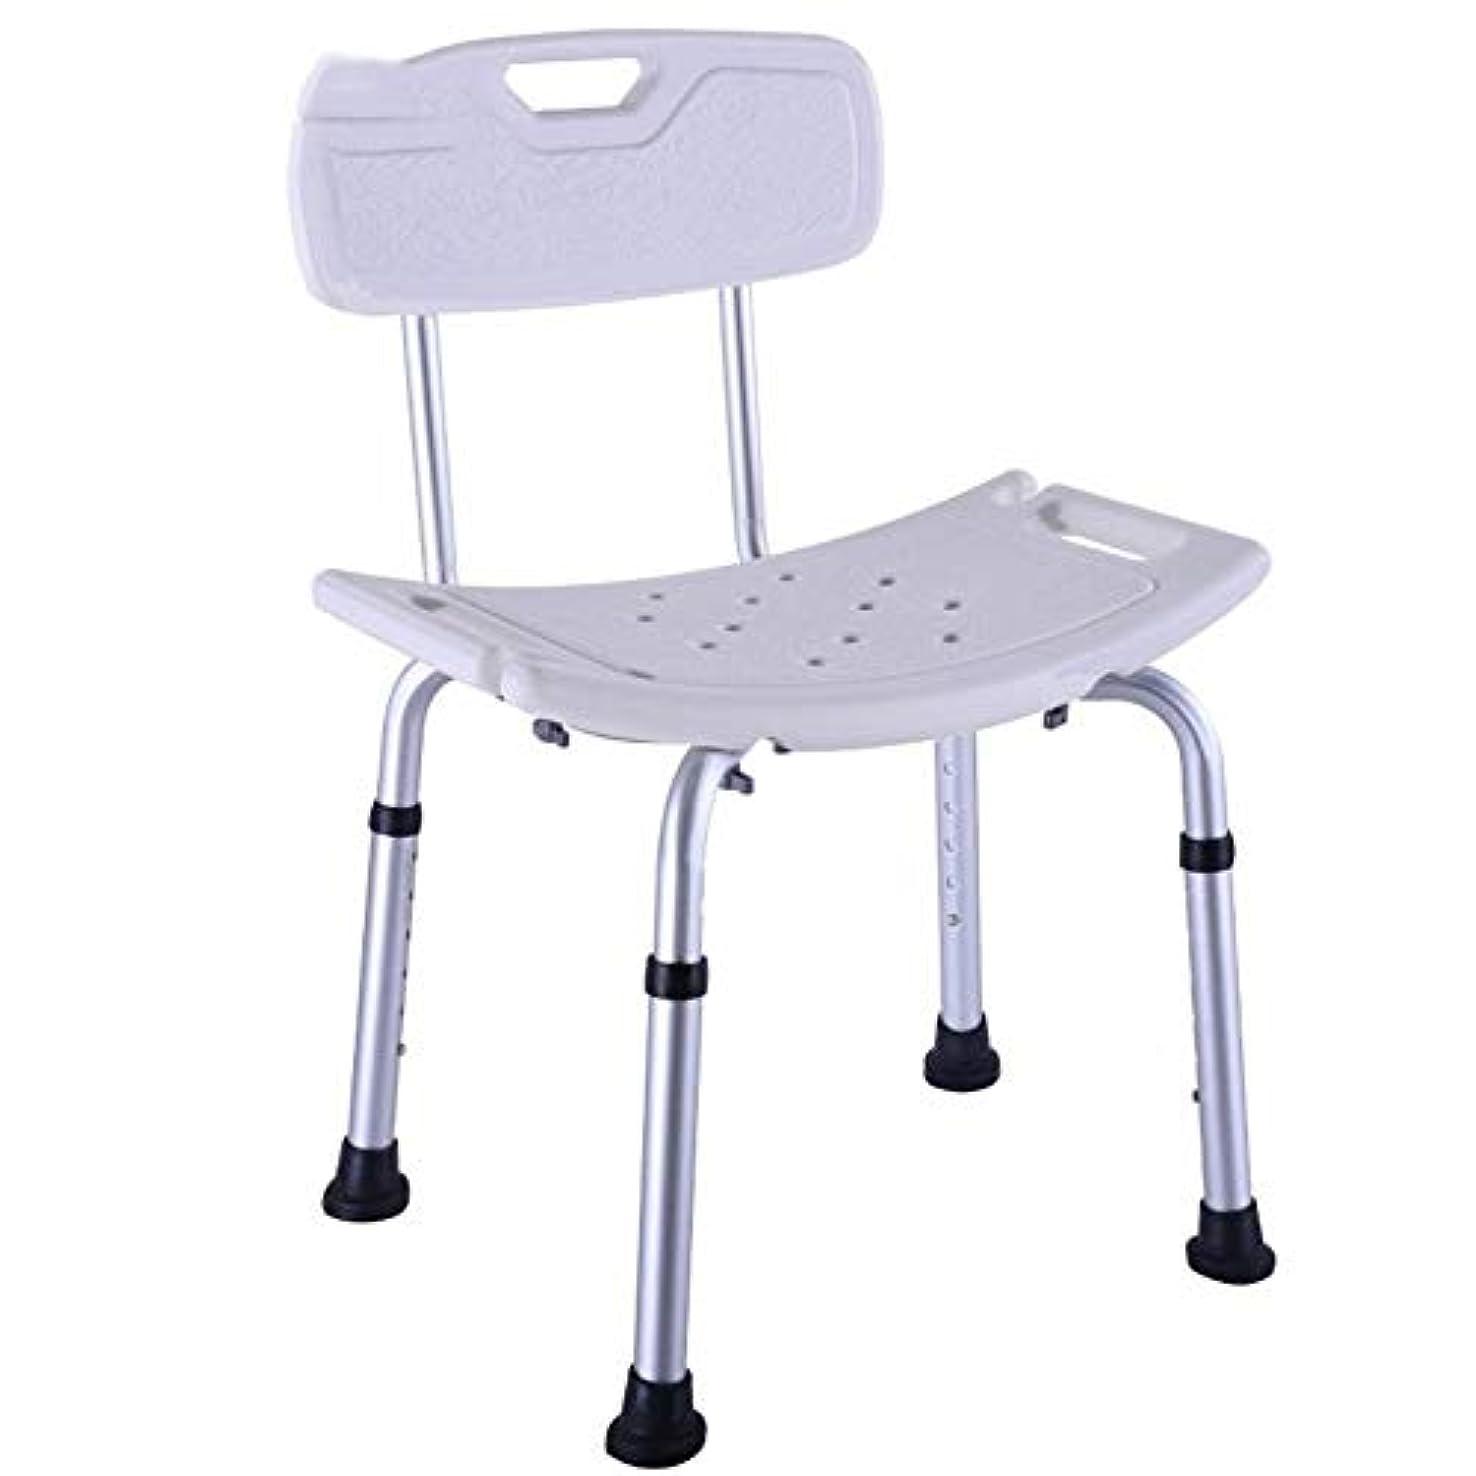 保安旅許容できる高齢者のための調節可能な高さのシャワーチェア